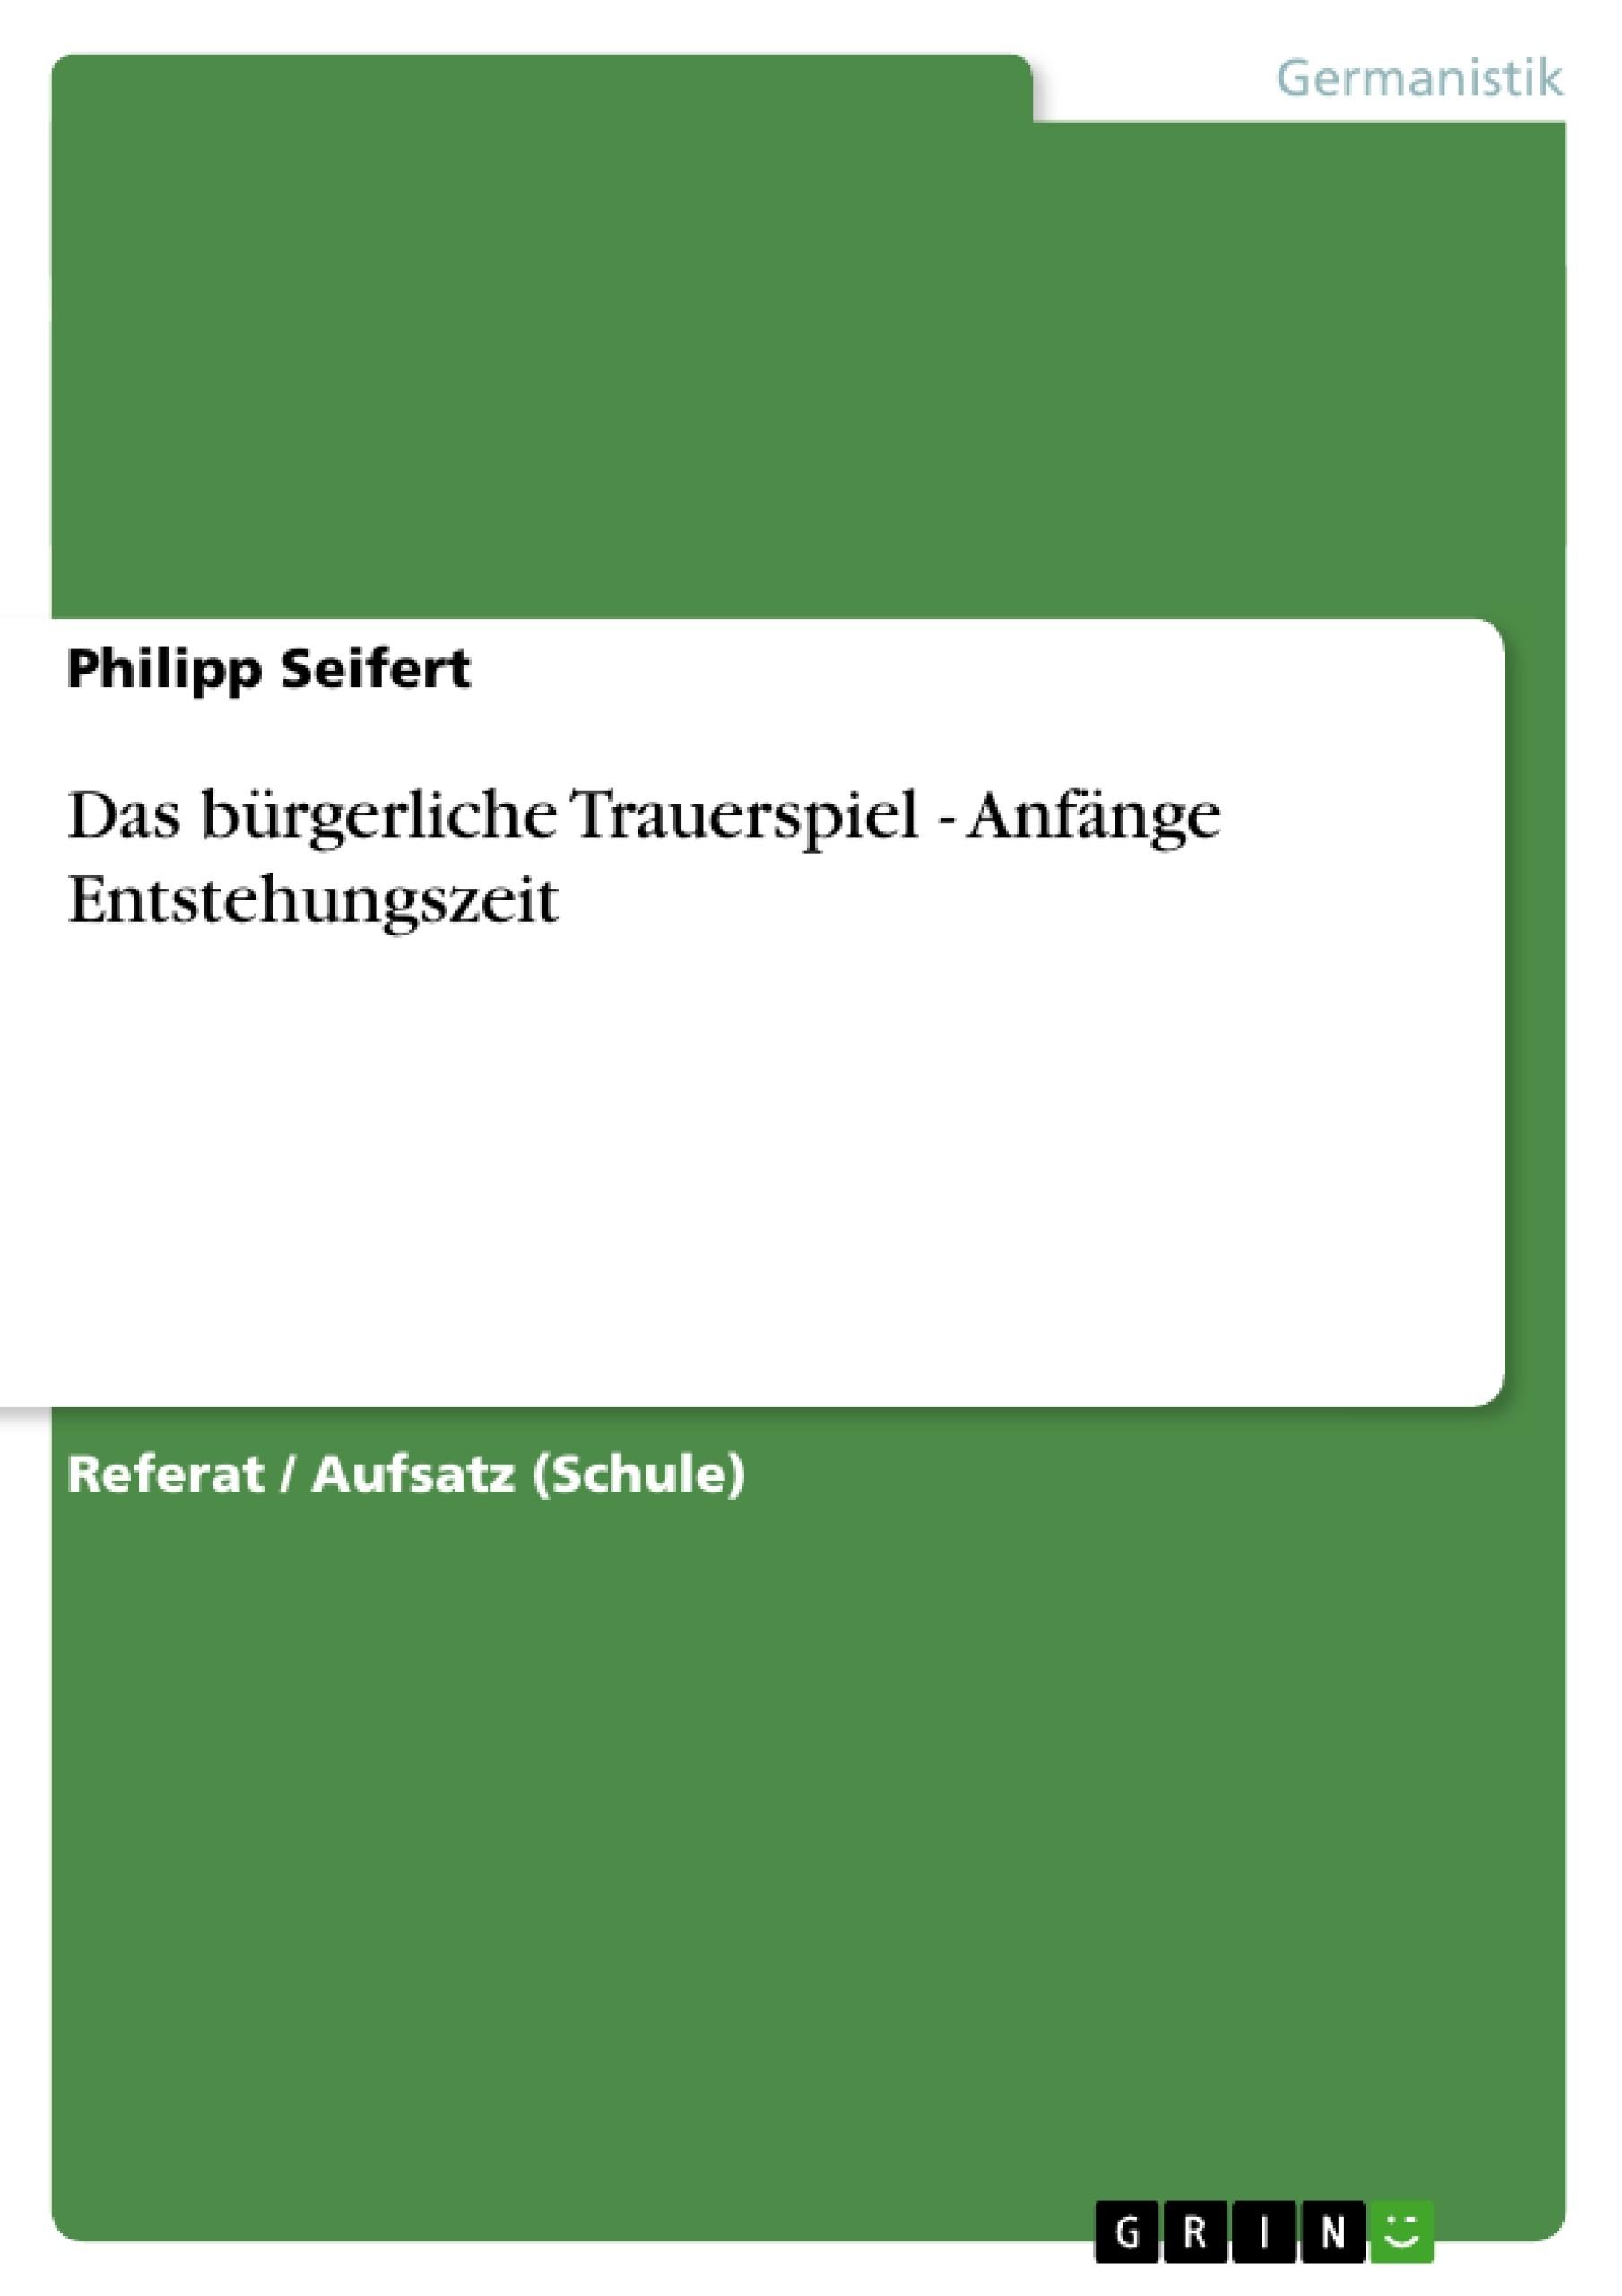 Titel: Das bürgerliche Trauerspiel - Anfänge Entstehungszeit